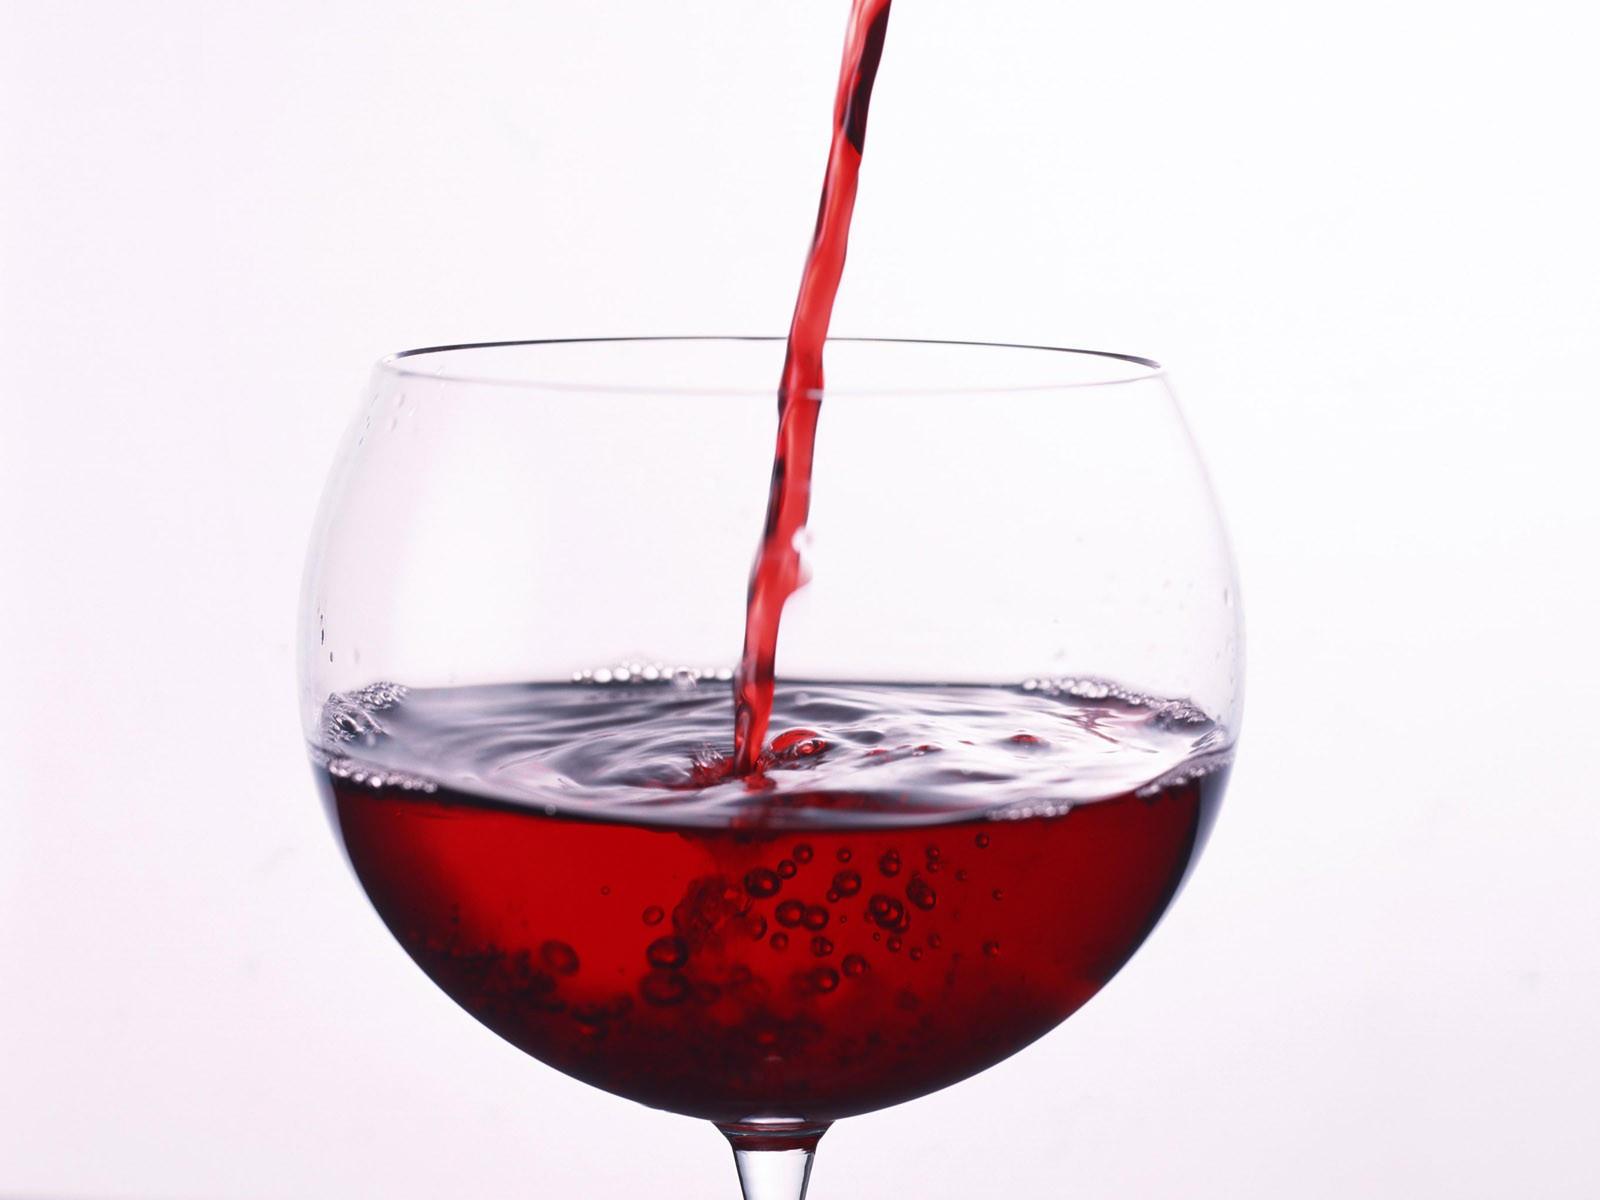 Бокал наполняют красным вином